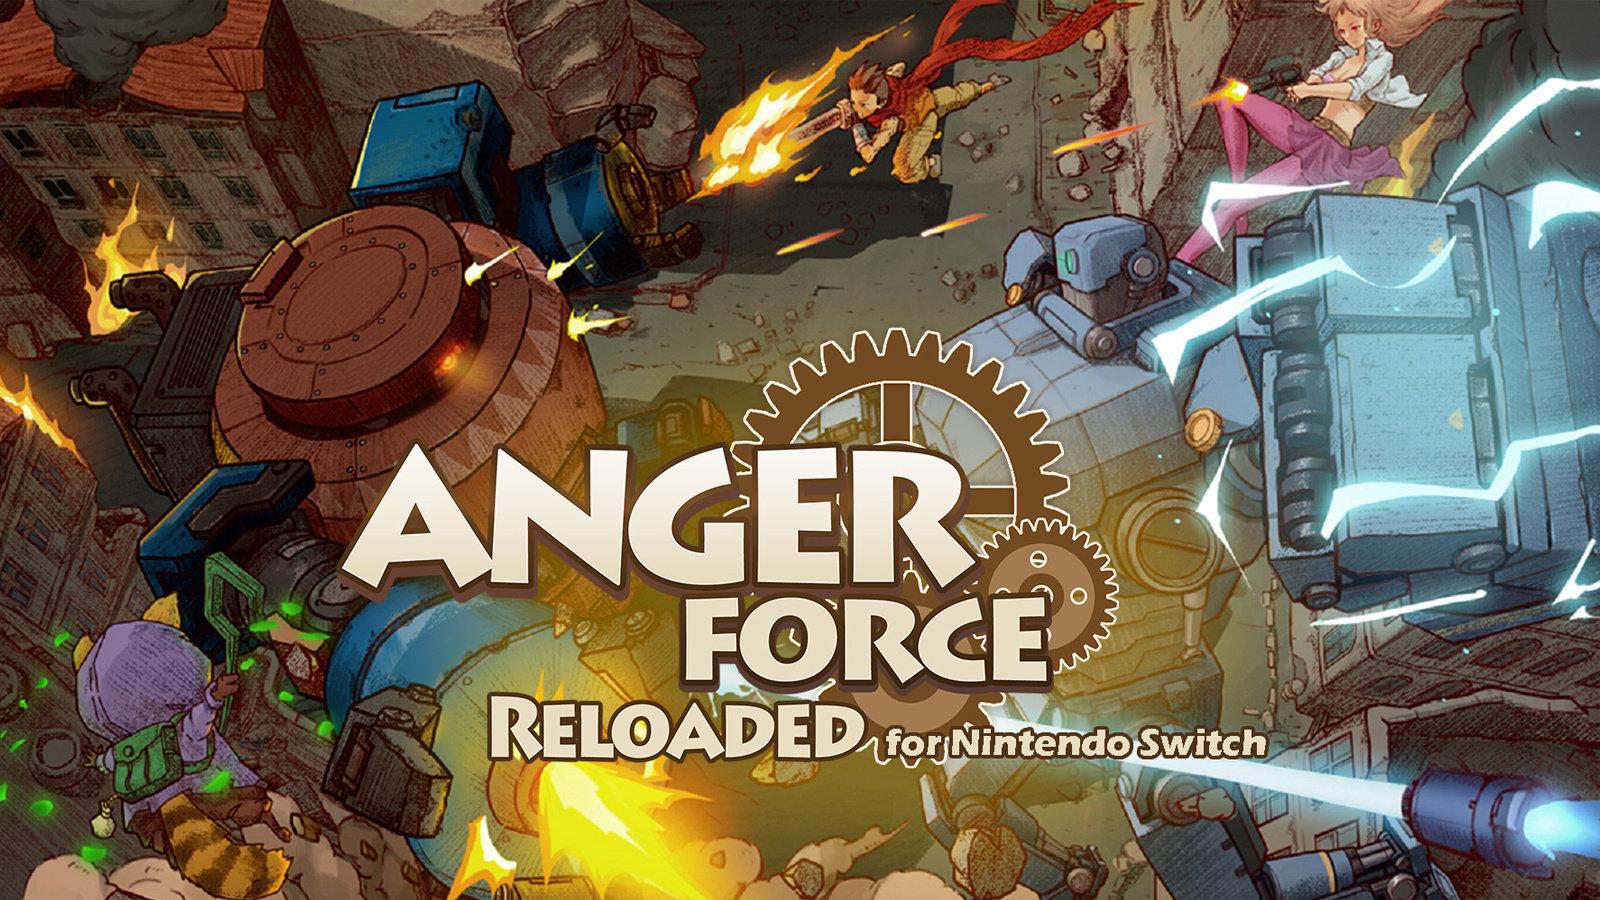 国产传统STG游戏《愤怒军团:重装》四月登陆家用机平台